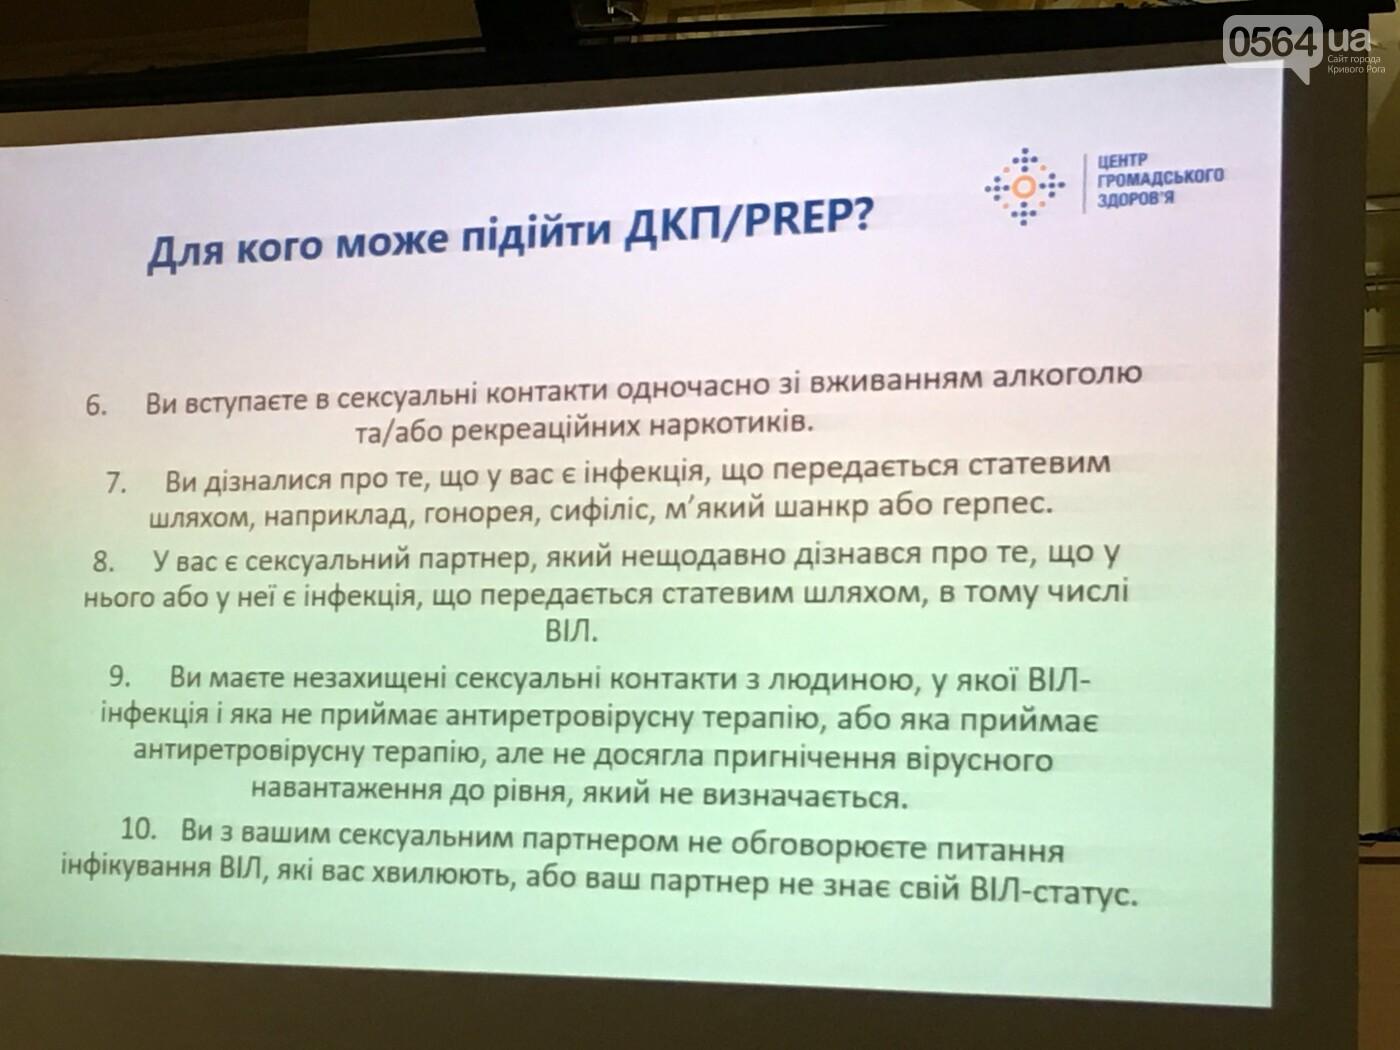 Где и как криворожане могут бесплатно получить ДКП/PrEP чтобы не заразиться ВИЧ-инфекцией, - ФОТО , фото-32